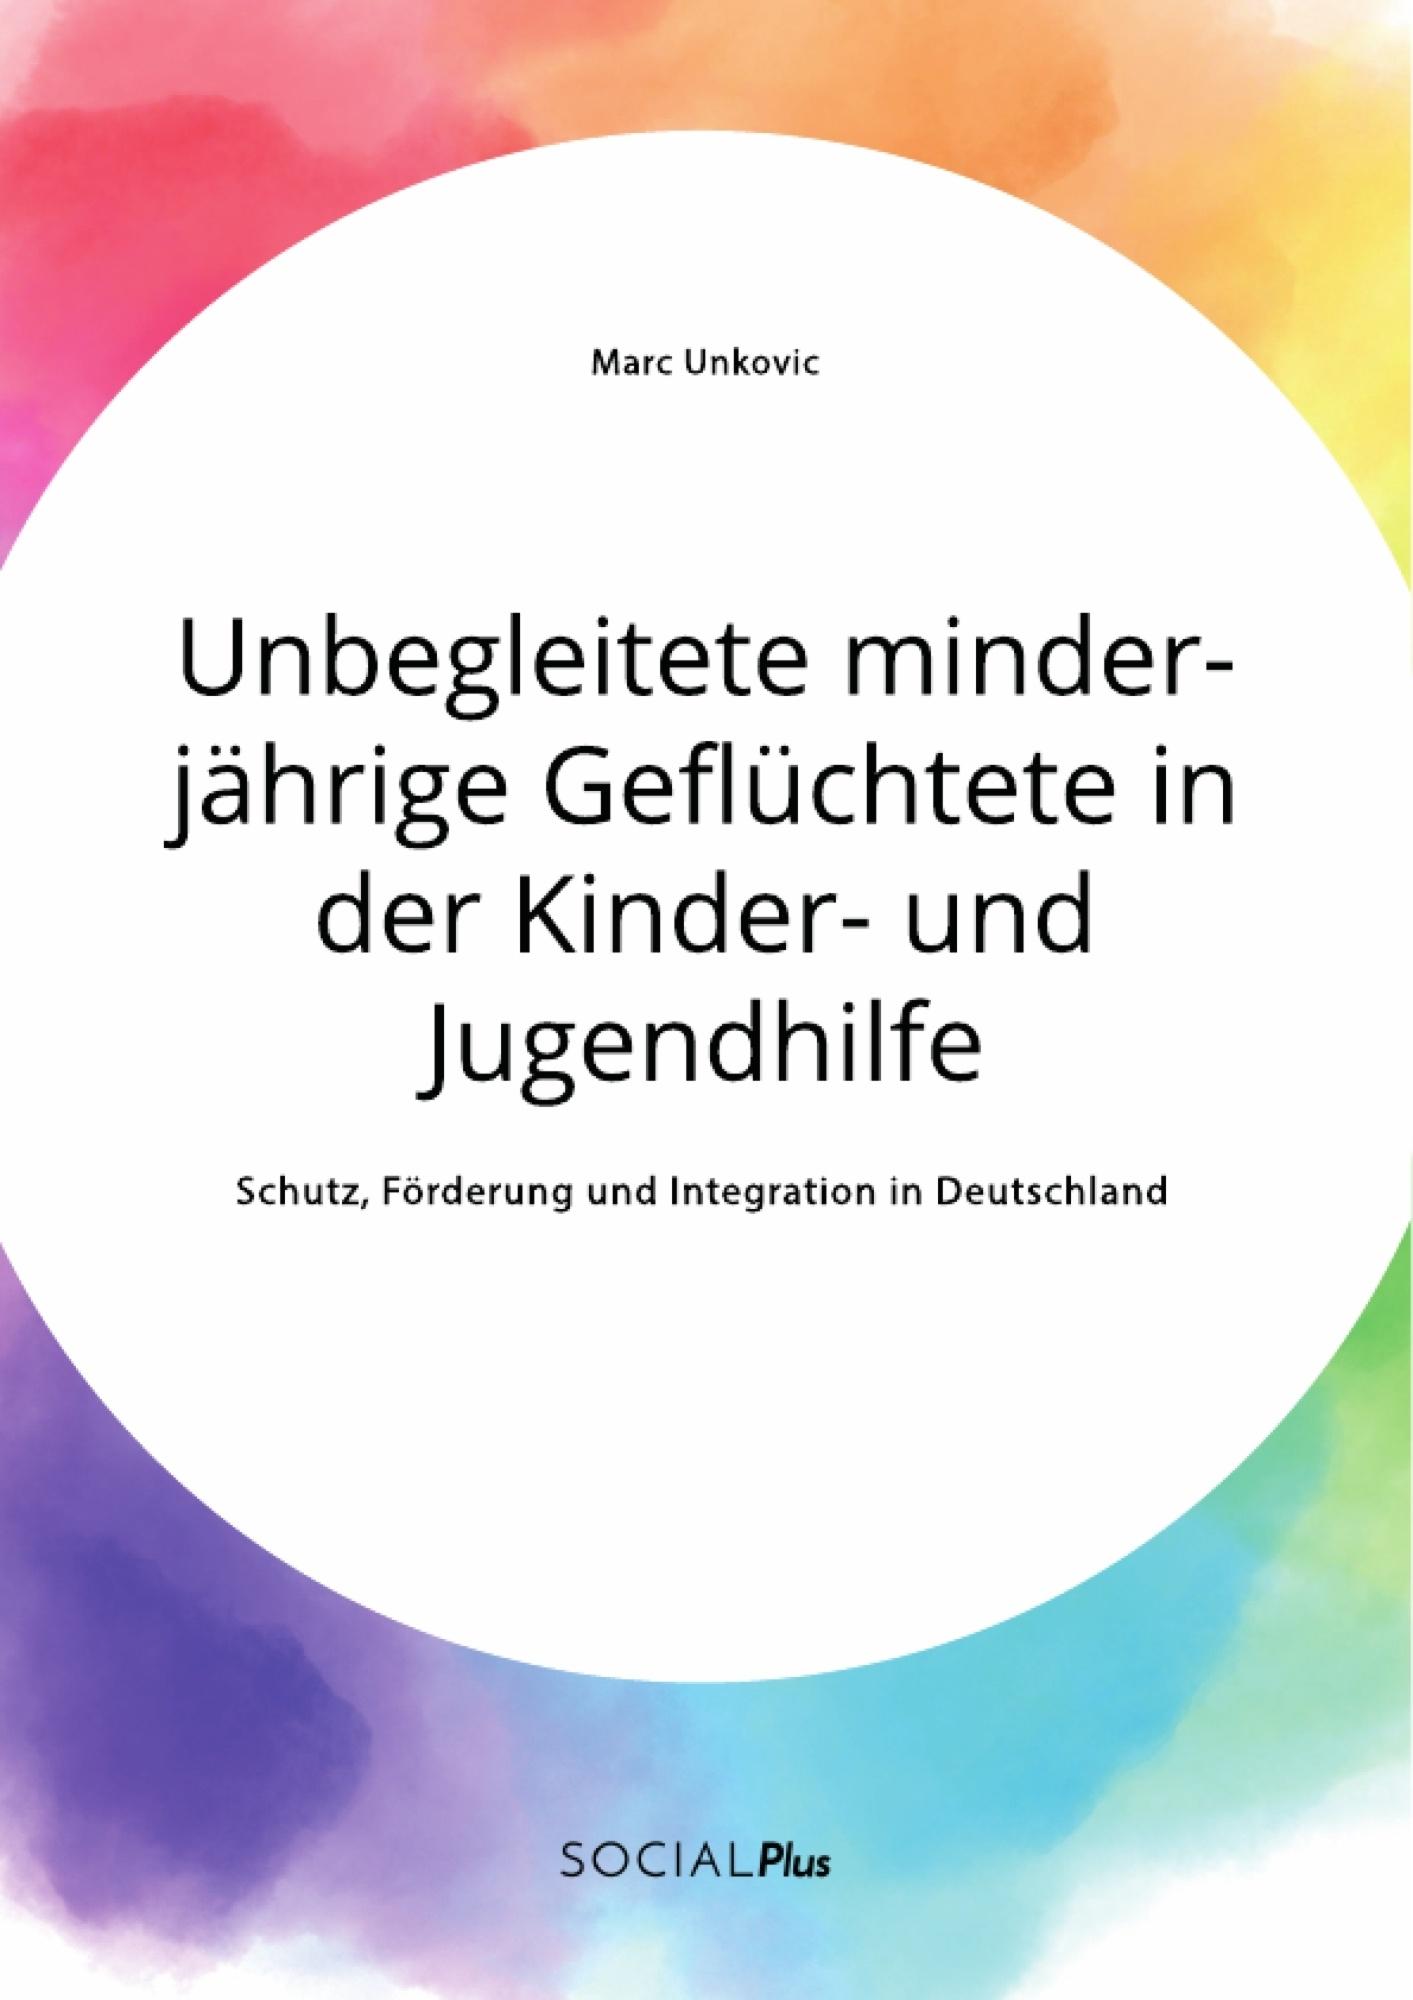 Titel: Unbegleitete minderjährige Geflüchtete in der Kinder- und Jugendhilfe. Schutz, Förderung und Integration in Deutschland